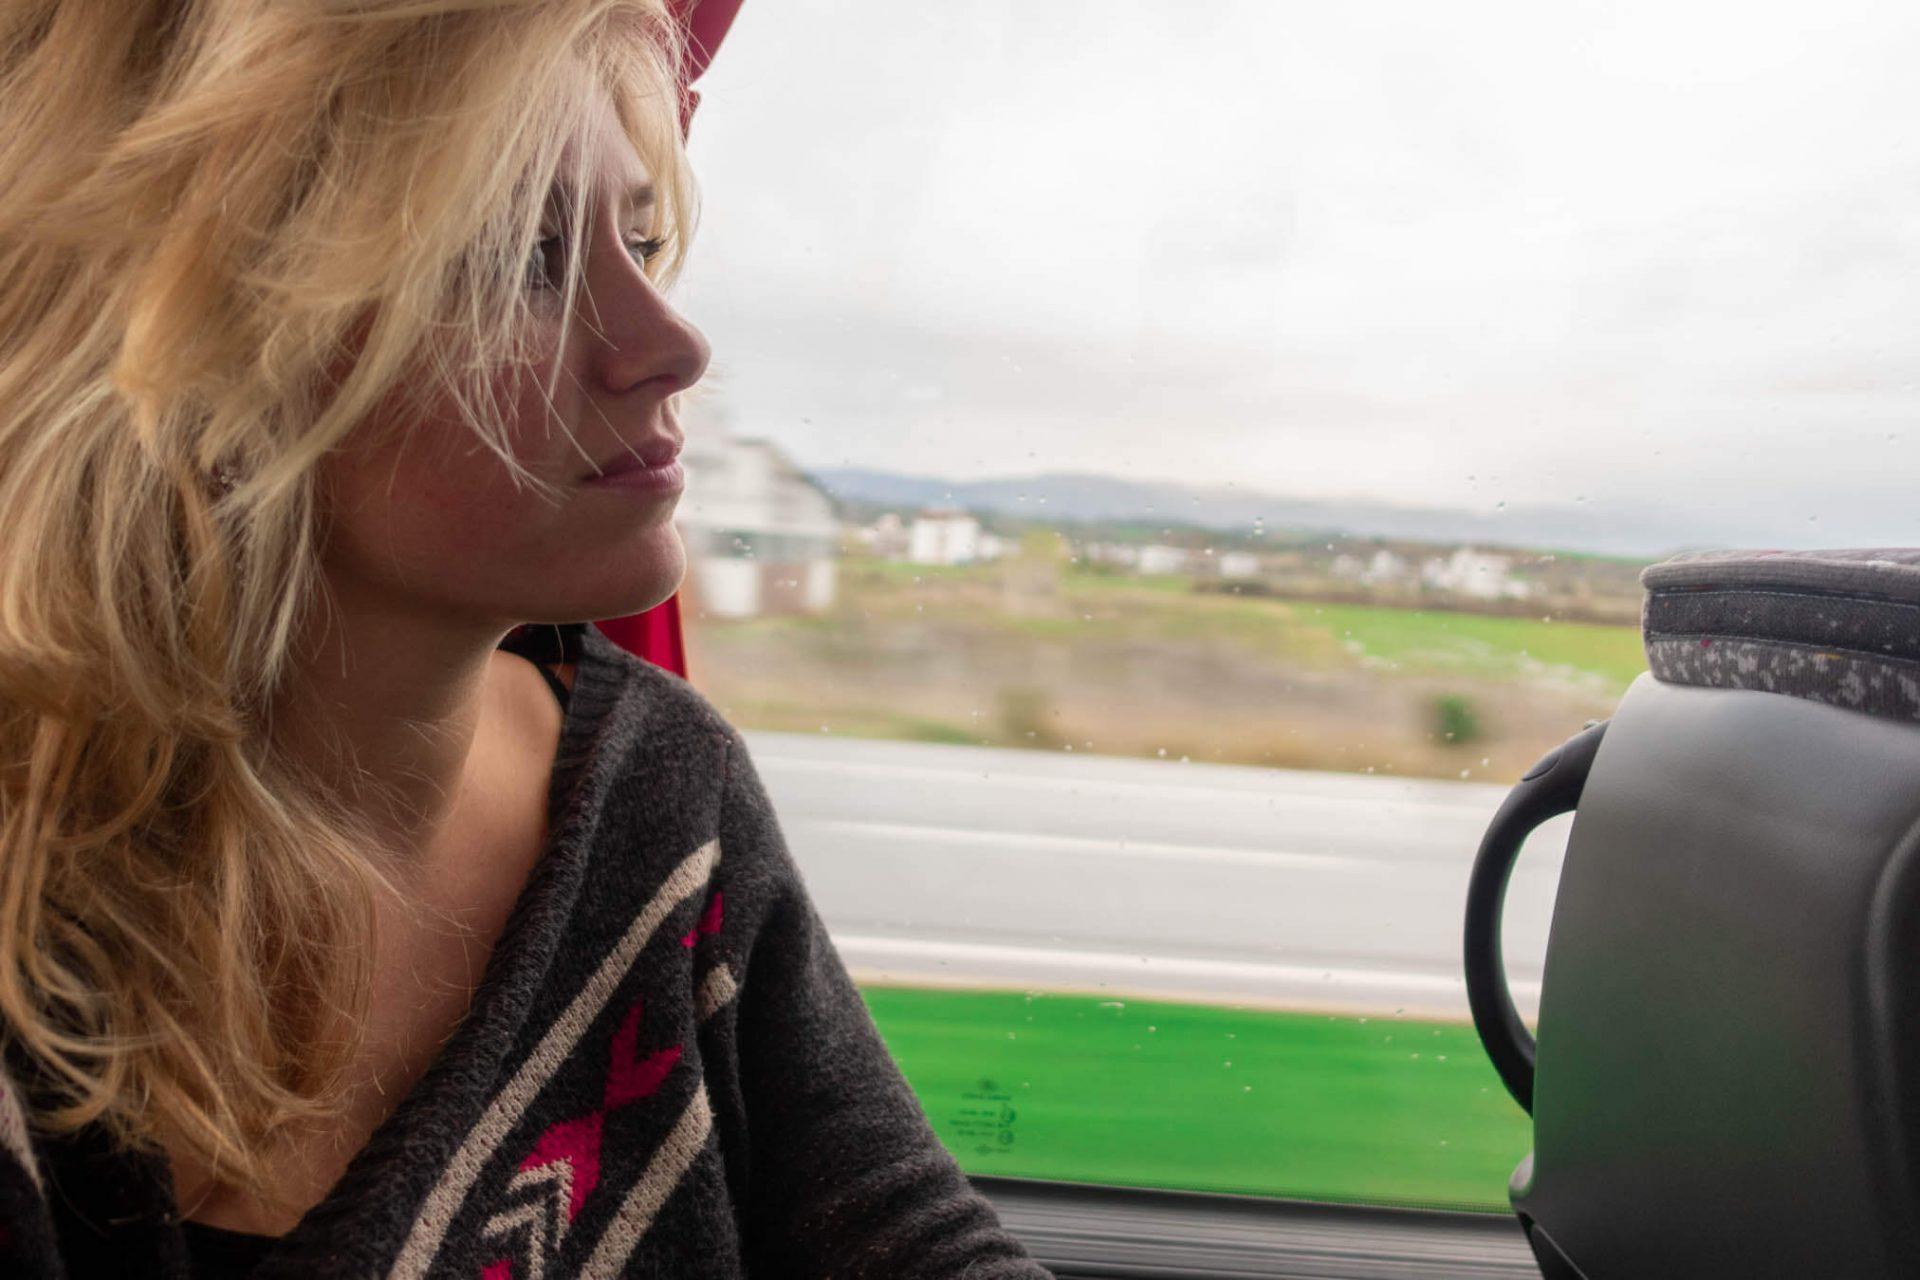 Annika kijkt uit het raam van een touringbus in Turkije